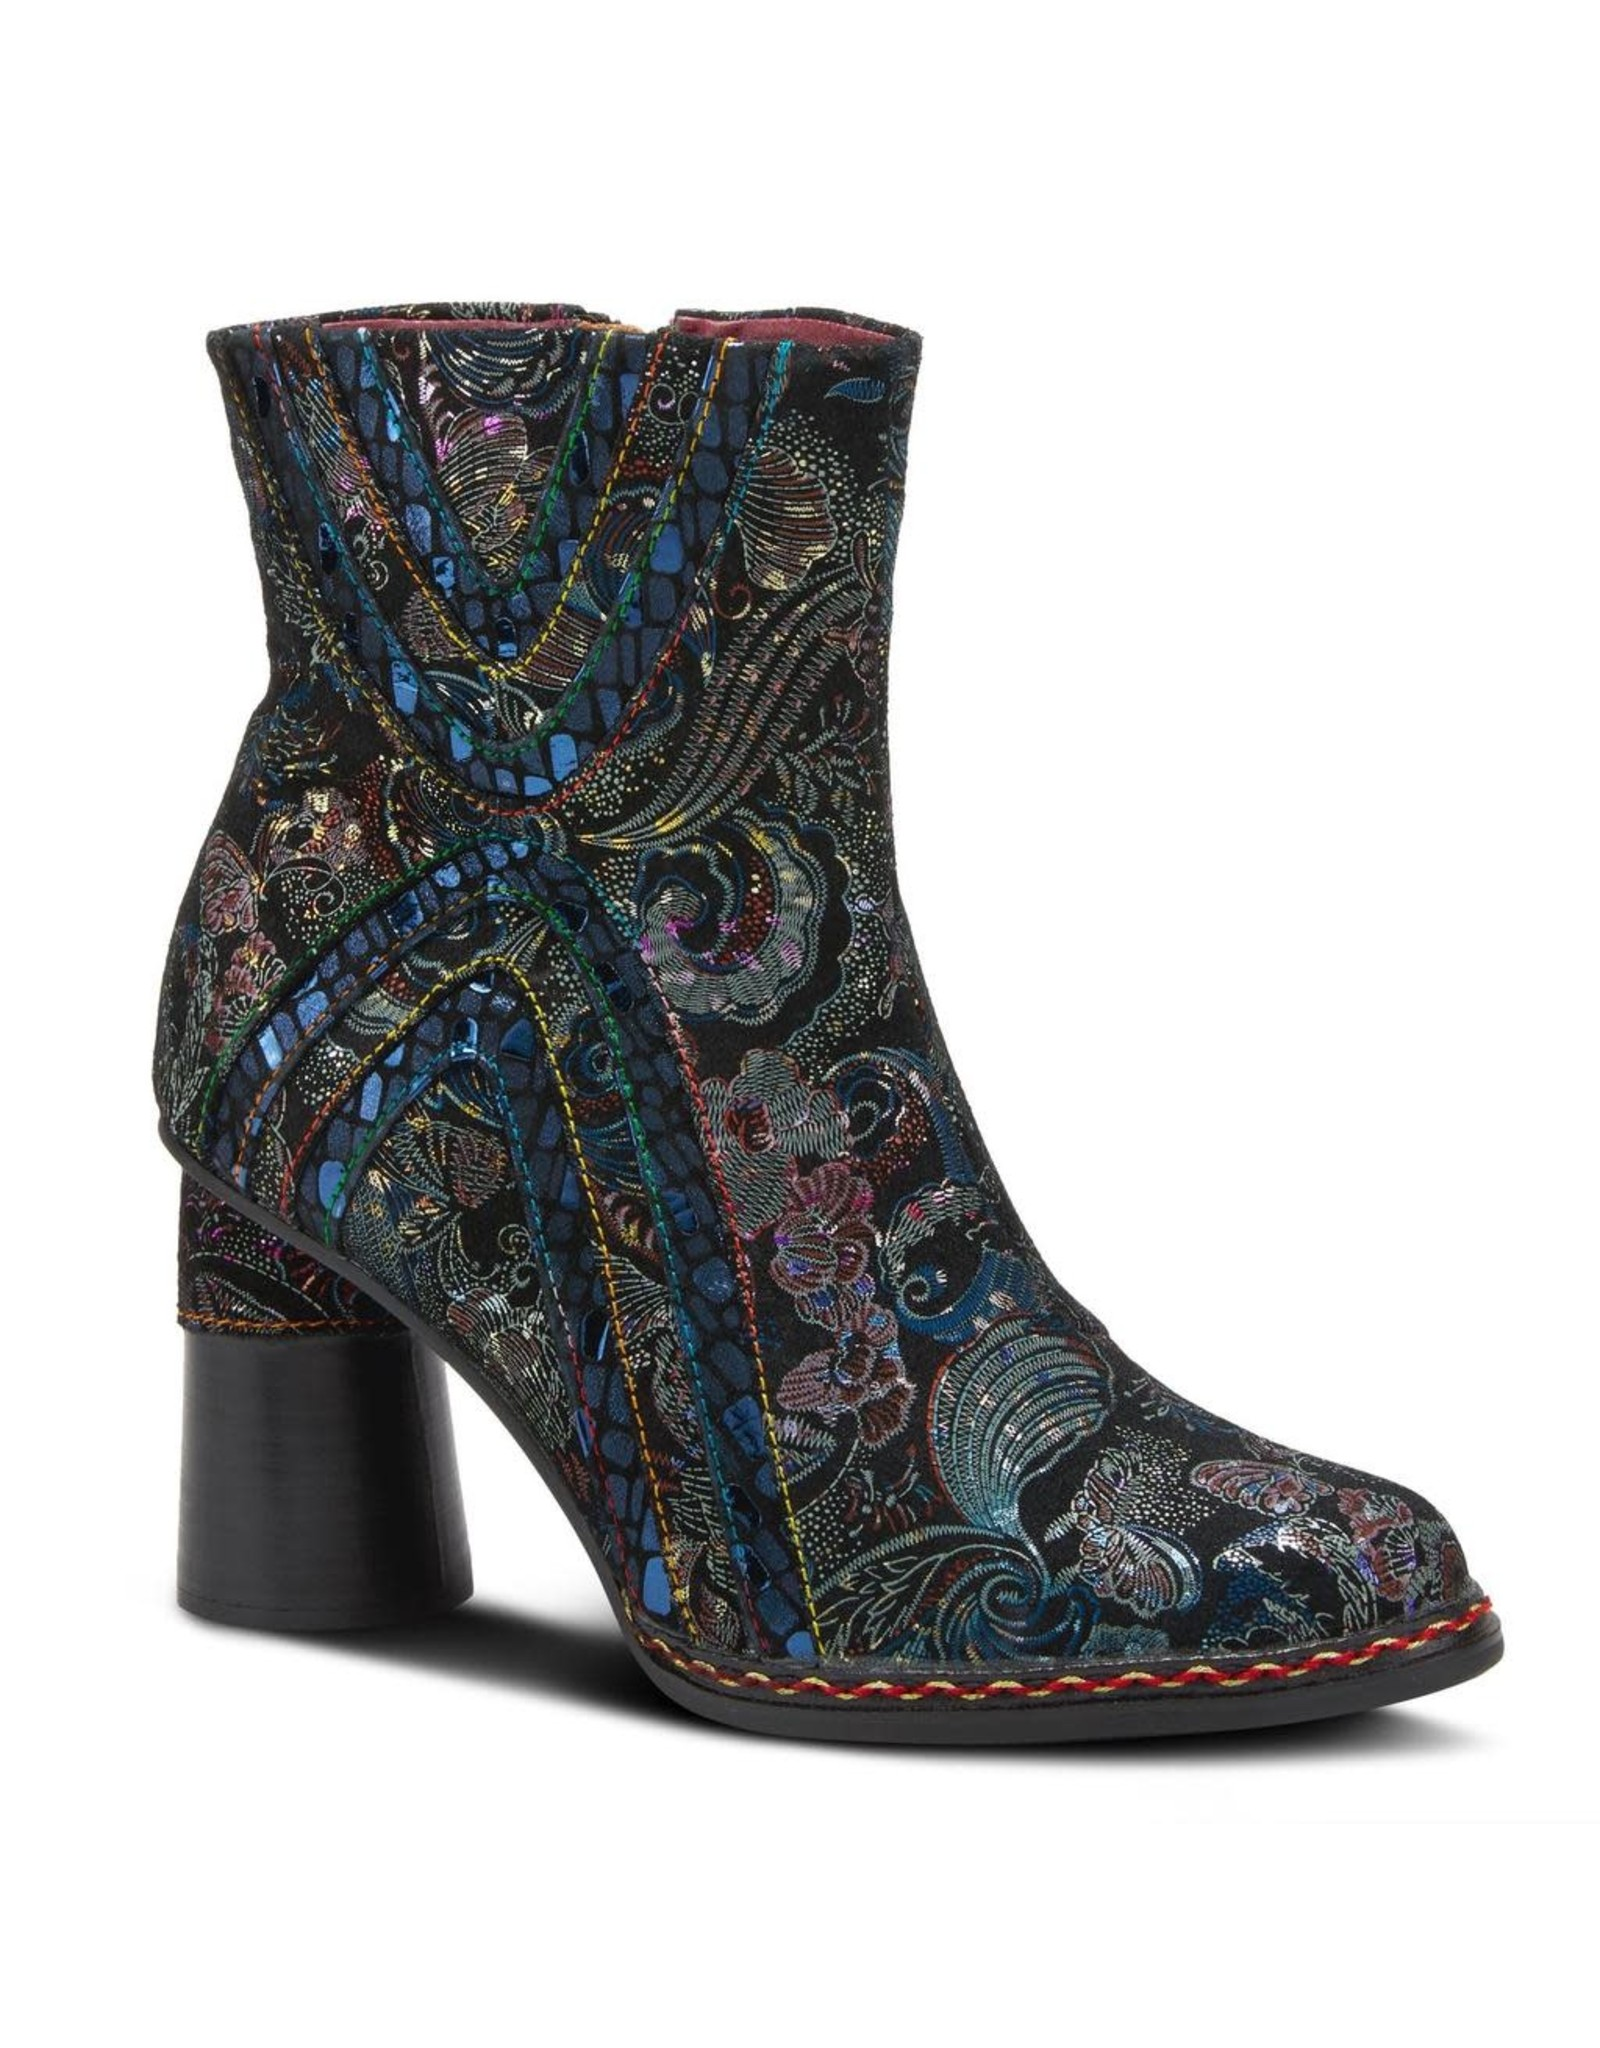 Spring Footwear Sopretti Metallic Leather Boot